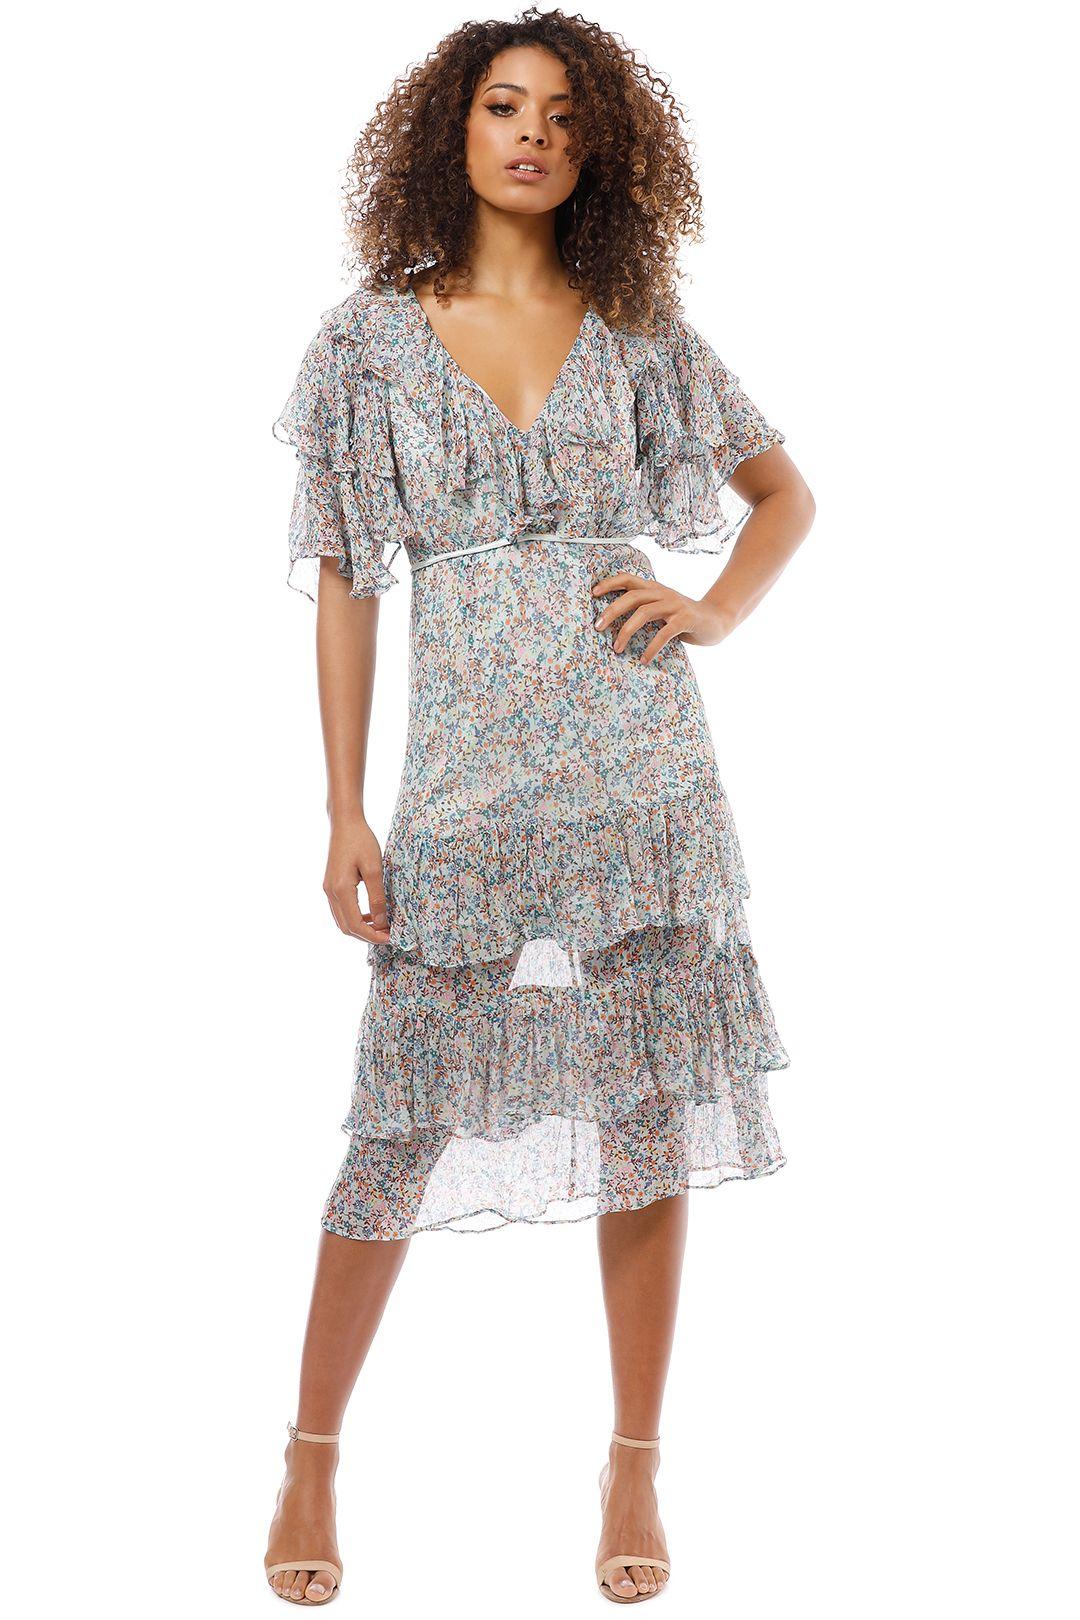 Talulah - Bouquet Midi Dress - Floral Print - Front